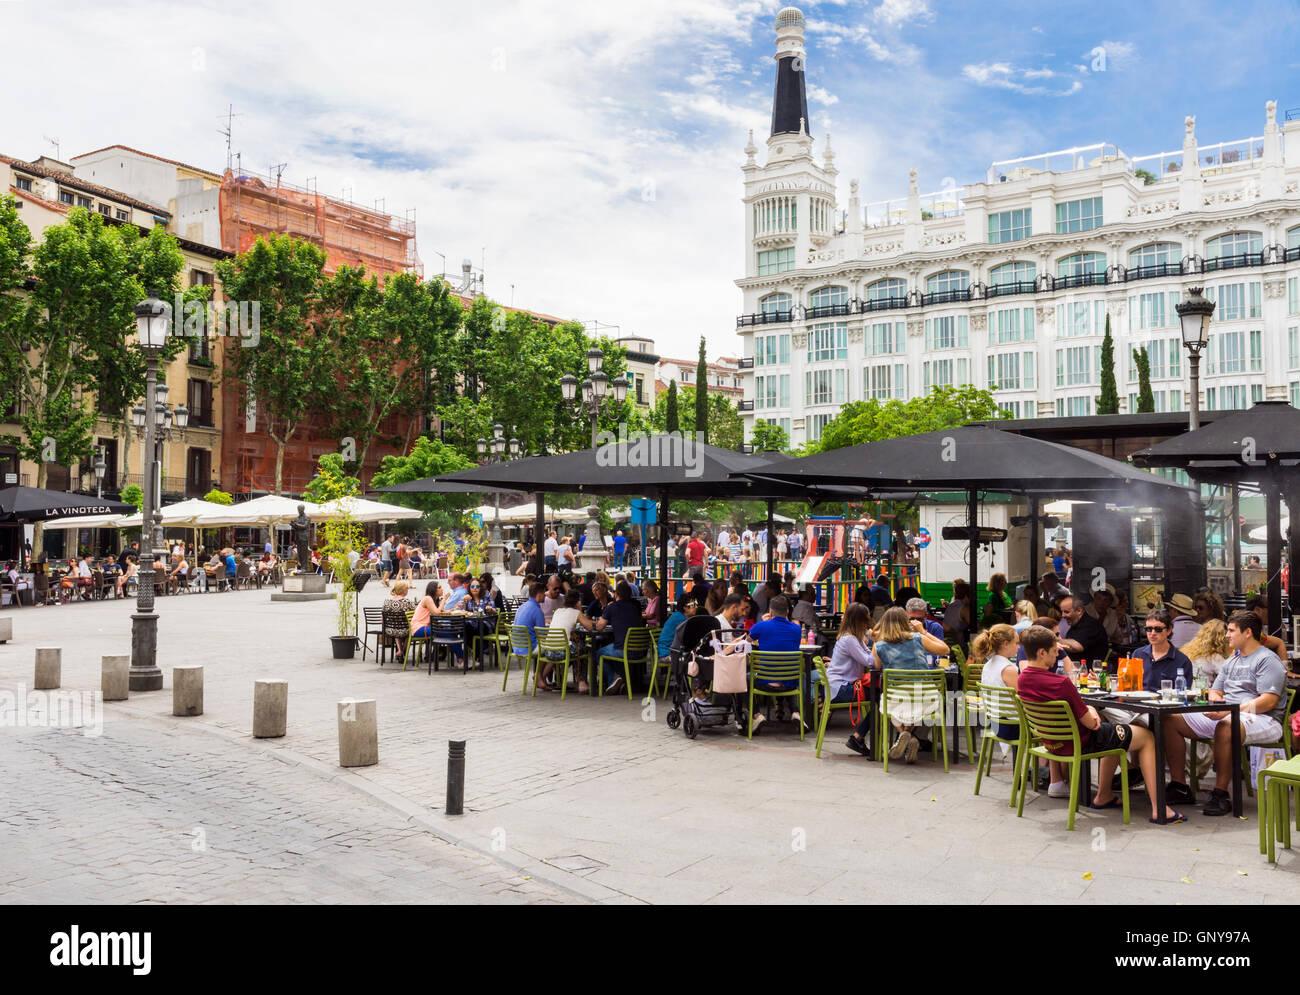 Plaza de Santa Ana dominato dall'Hotel ME Madrid Reina Victoria nel quartiere di Huertas, Madrid, Spagna Immagini Stock